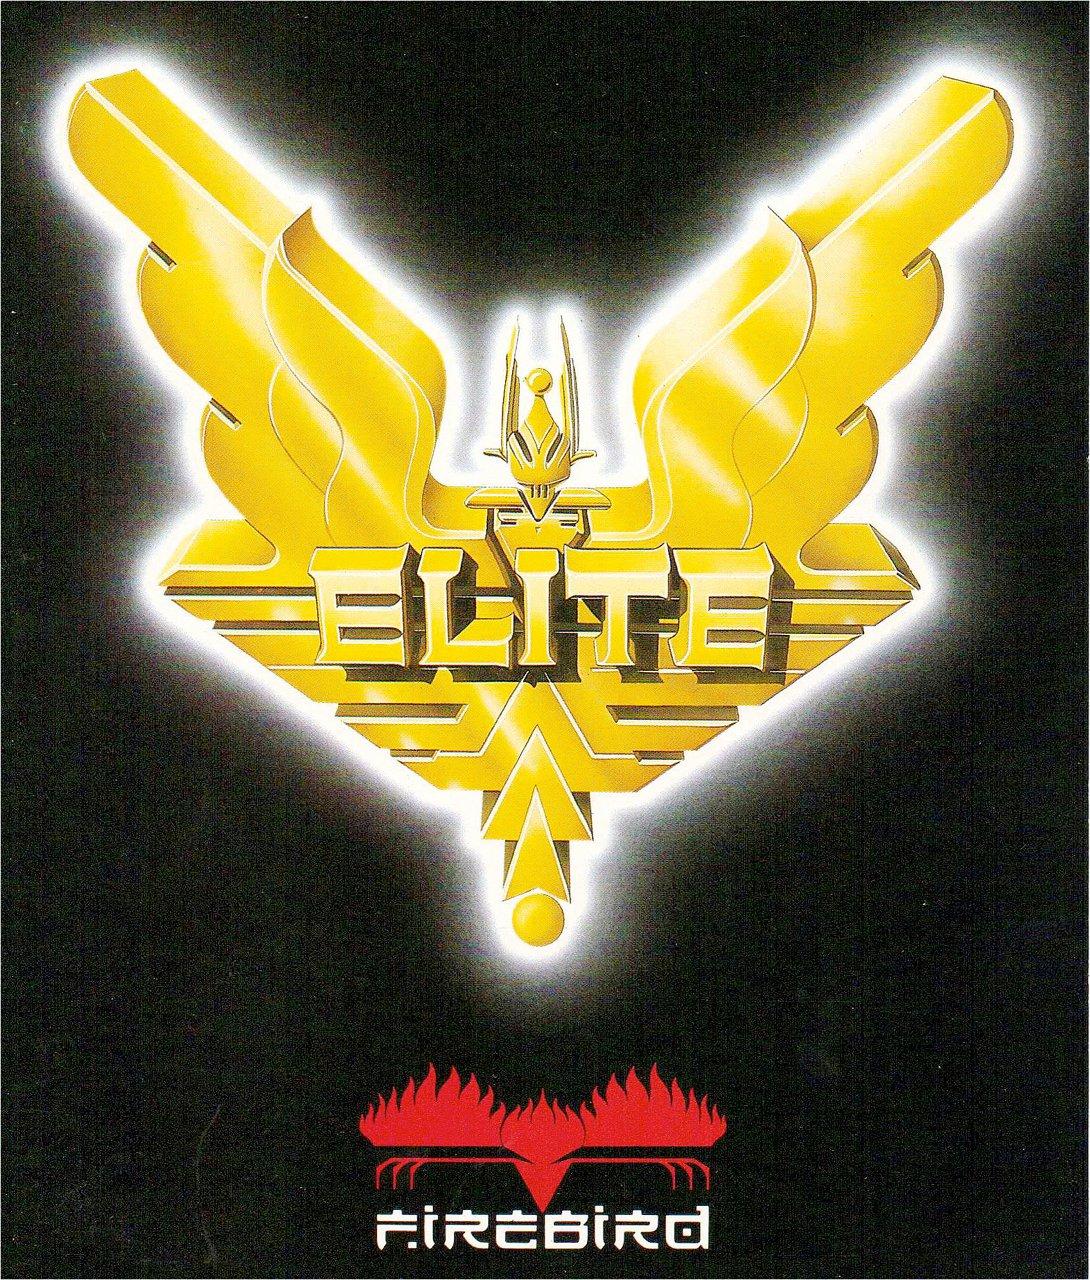 Elite von David Braben ist das erste Sandbox-Spiel überhaupt. (Bild: Firebird)